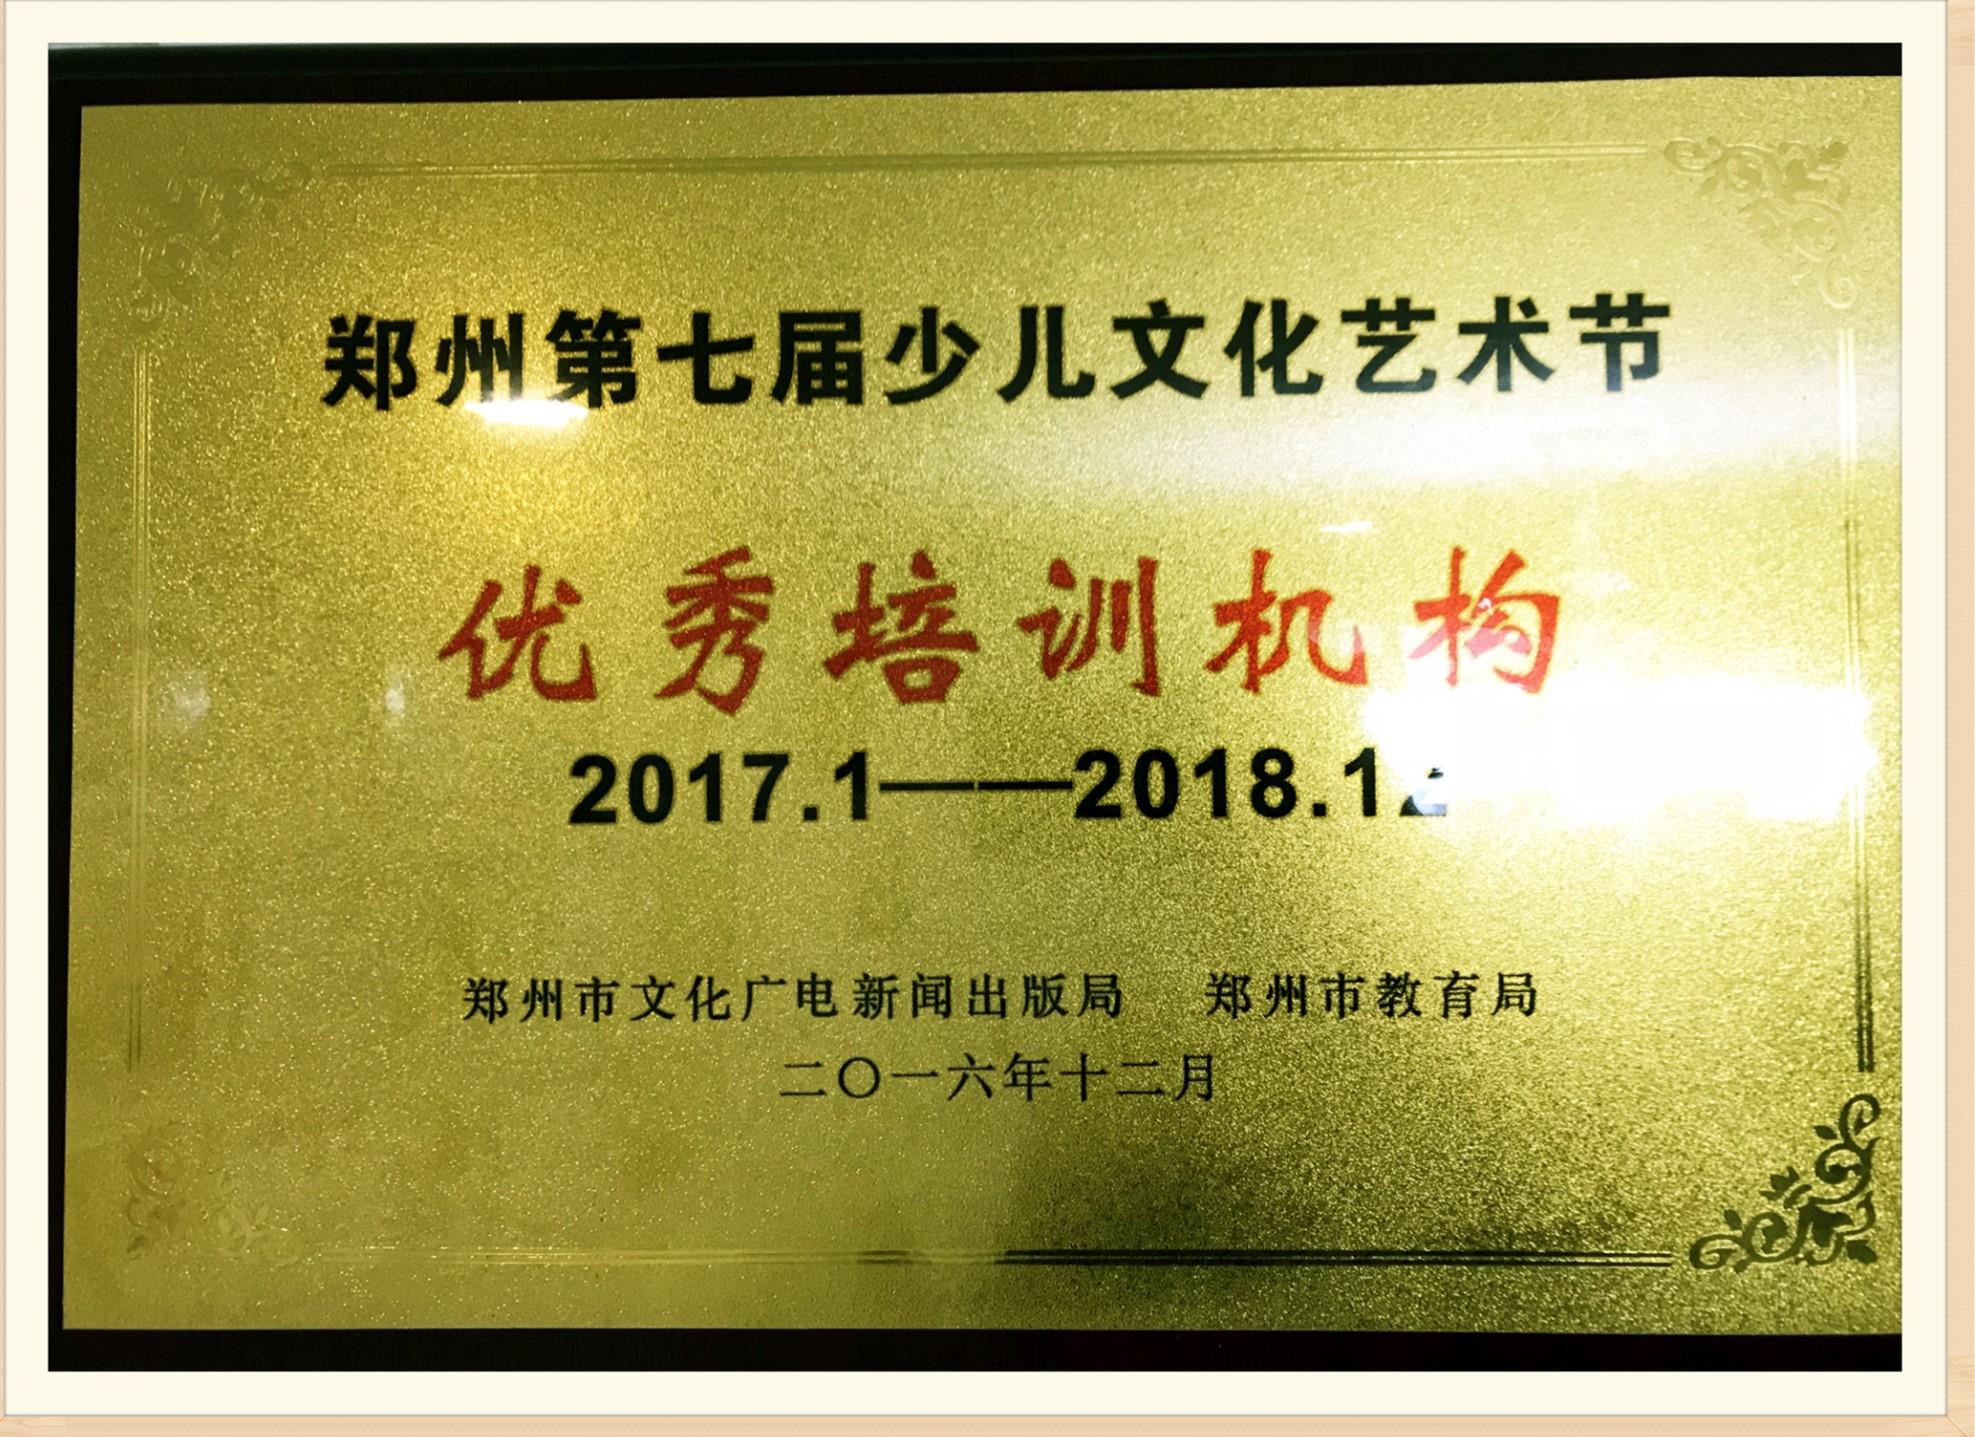 郑州市第七届k8凯发体育艺术节优秀培训机构